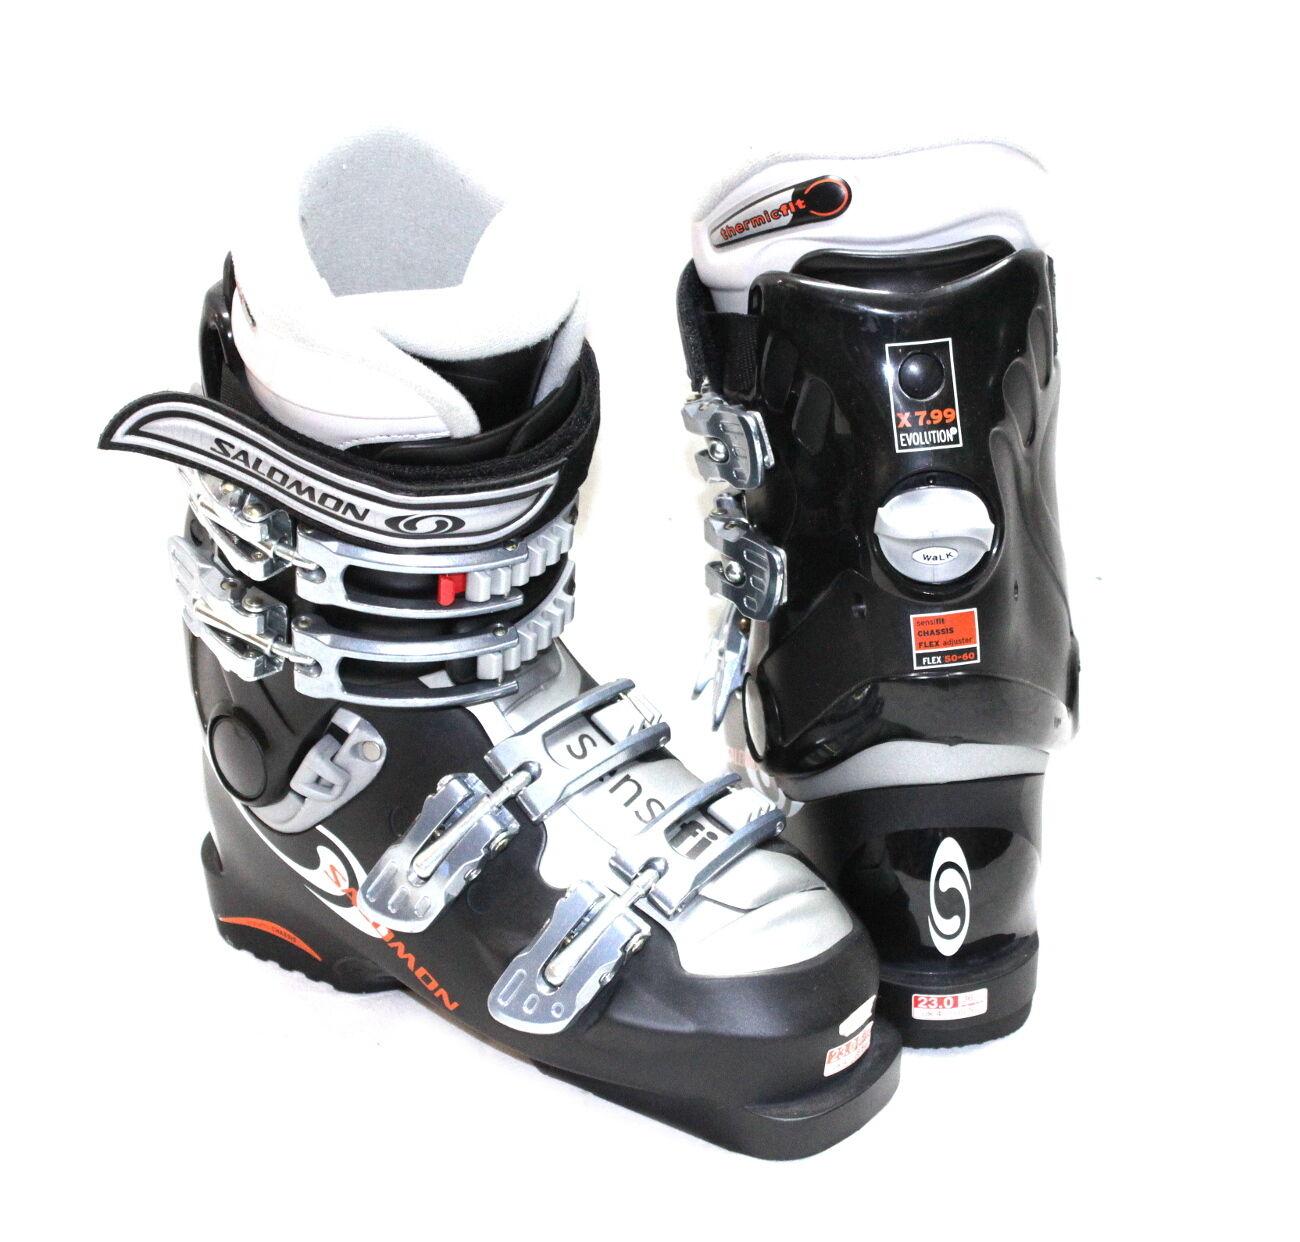 Salomon Evolution X 7.99 botas Esquiar Todo Montaña Talla 36 2 3 Mondo 23.0